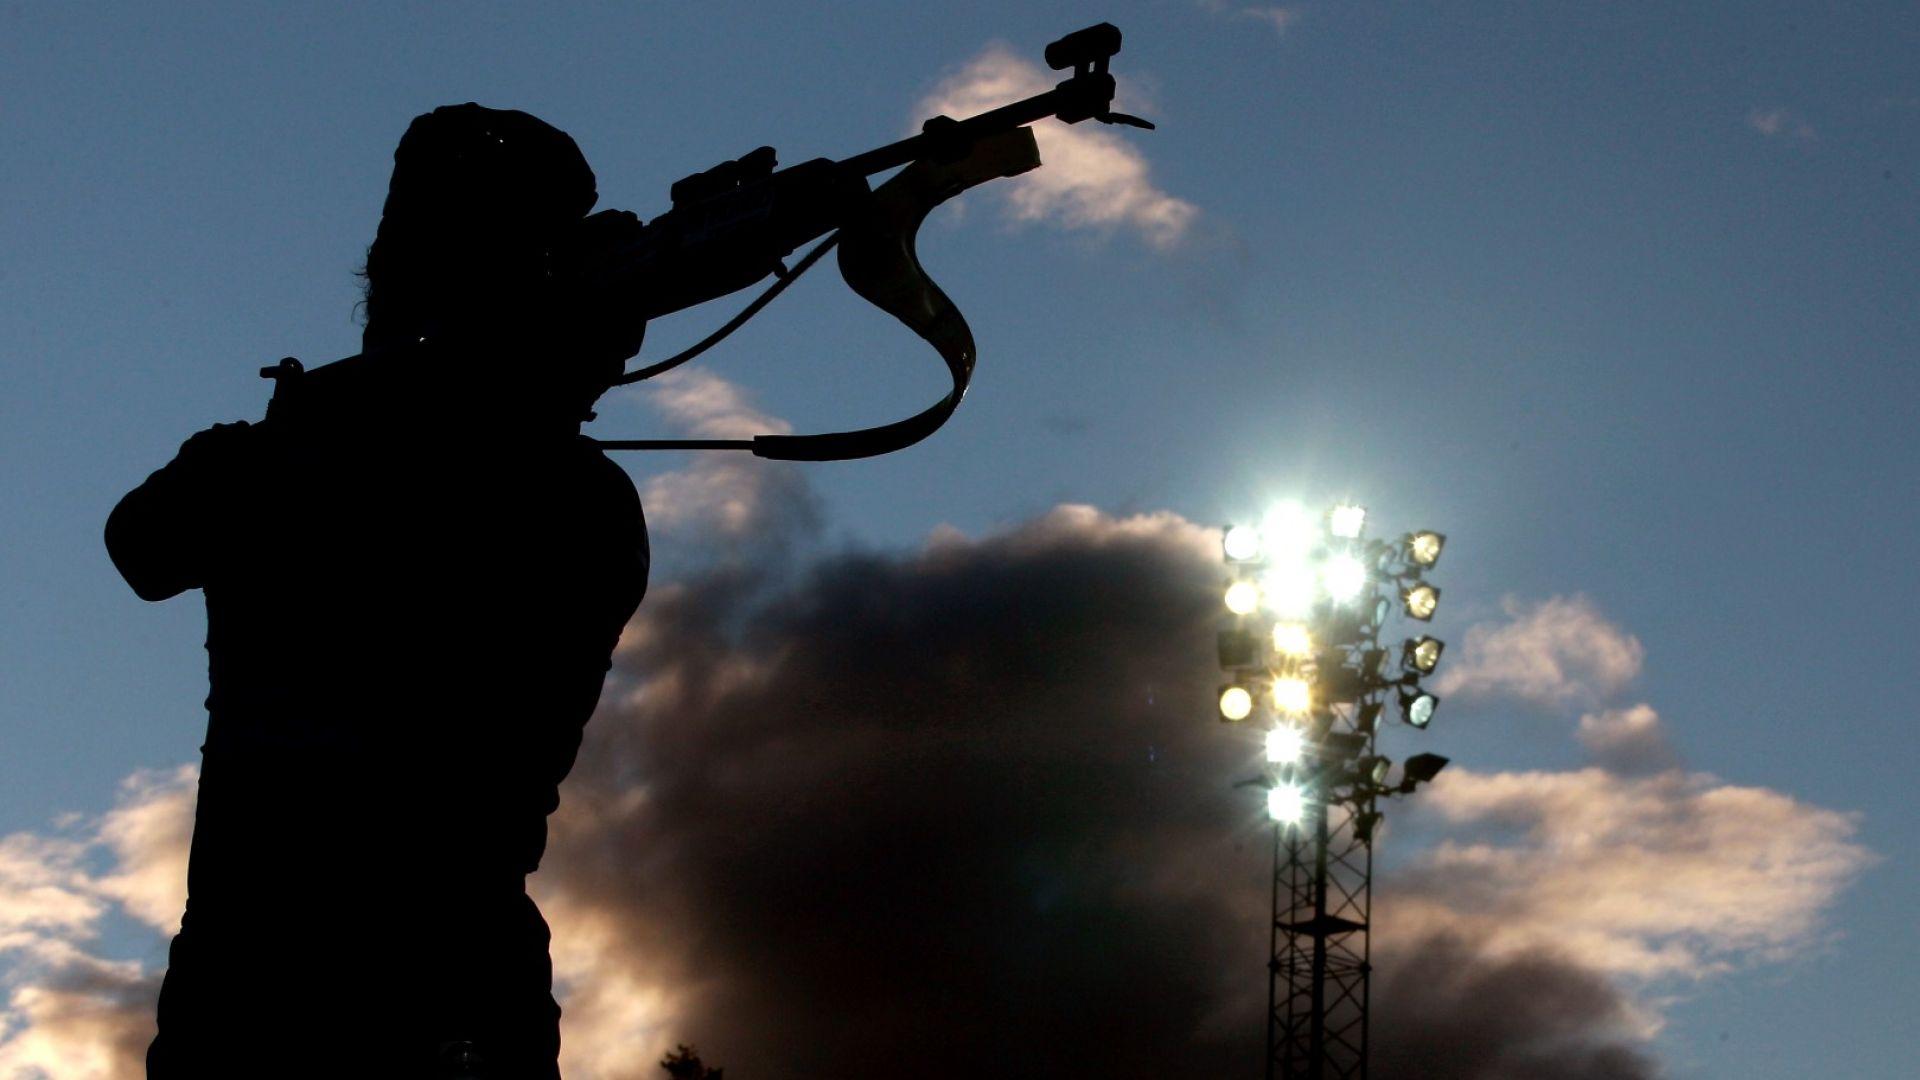 Започва Световното първенство по биатлон. Какво трябва да знаем?